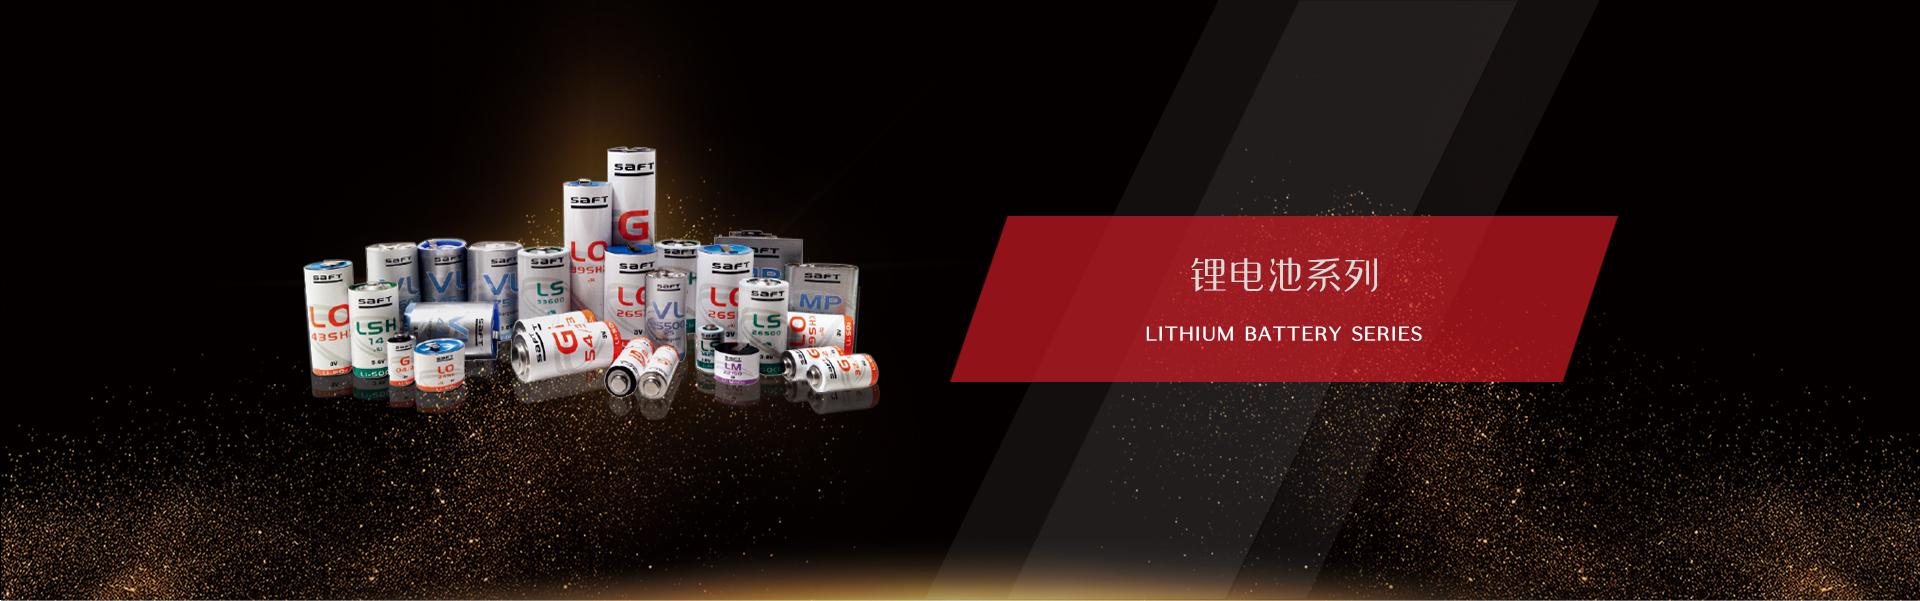 鋰電池系列